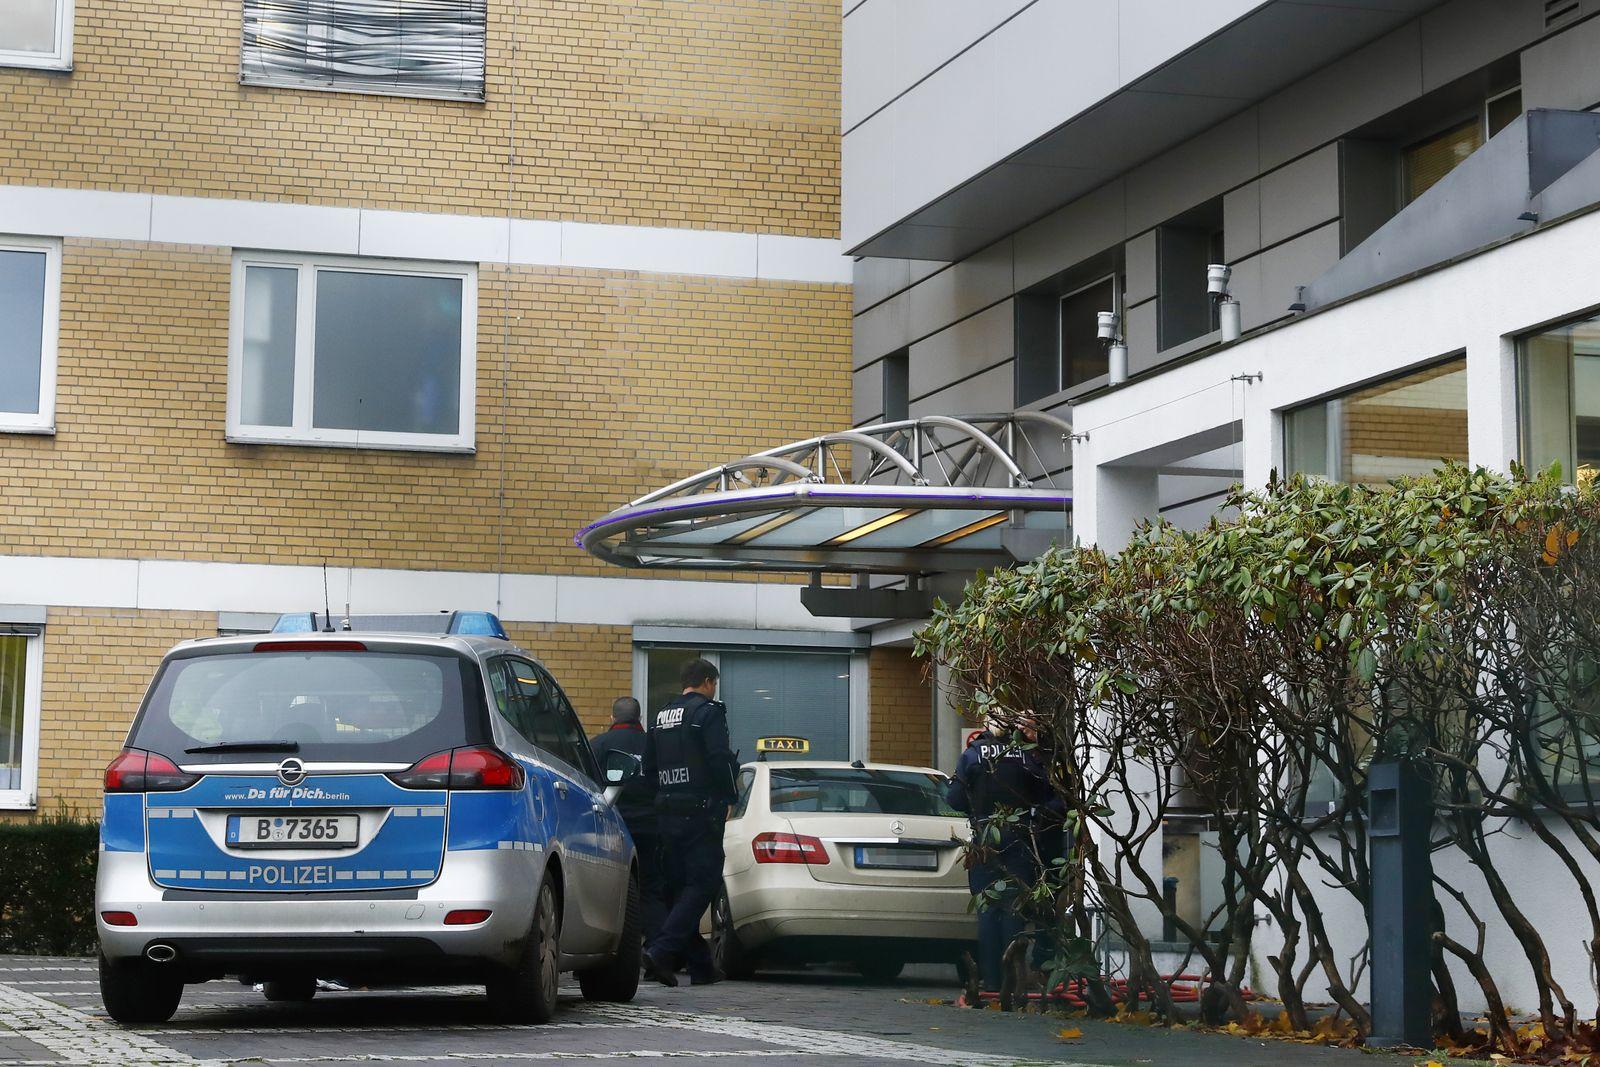 Schlosspark Klinik / Tatort Weizsäcker